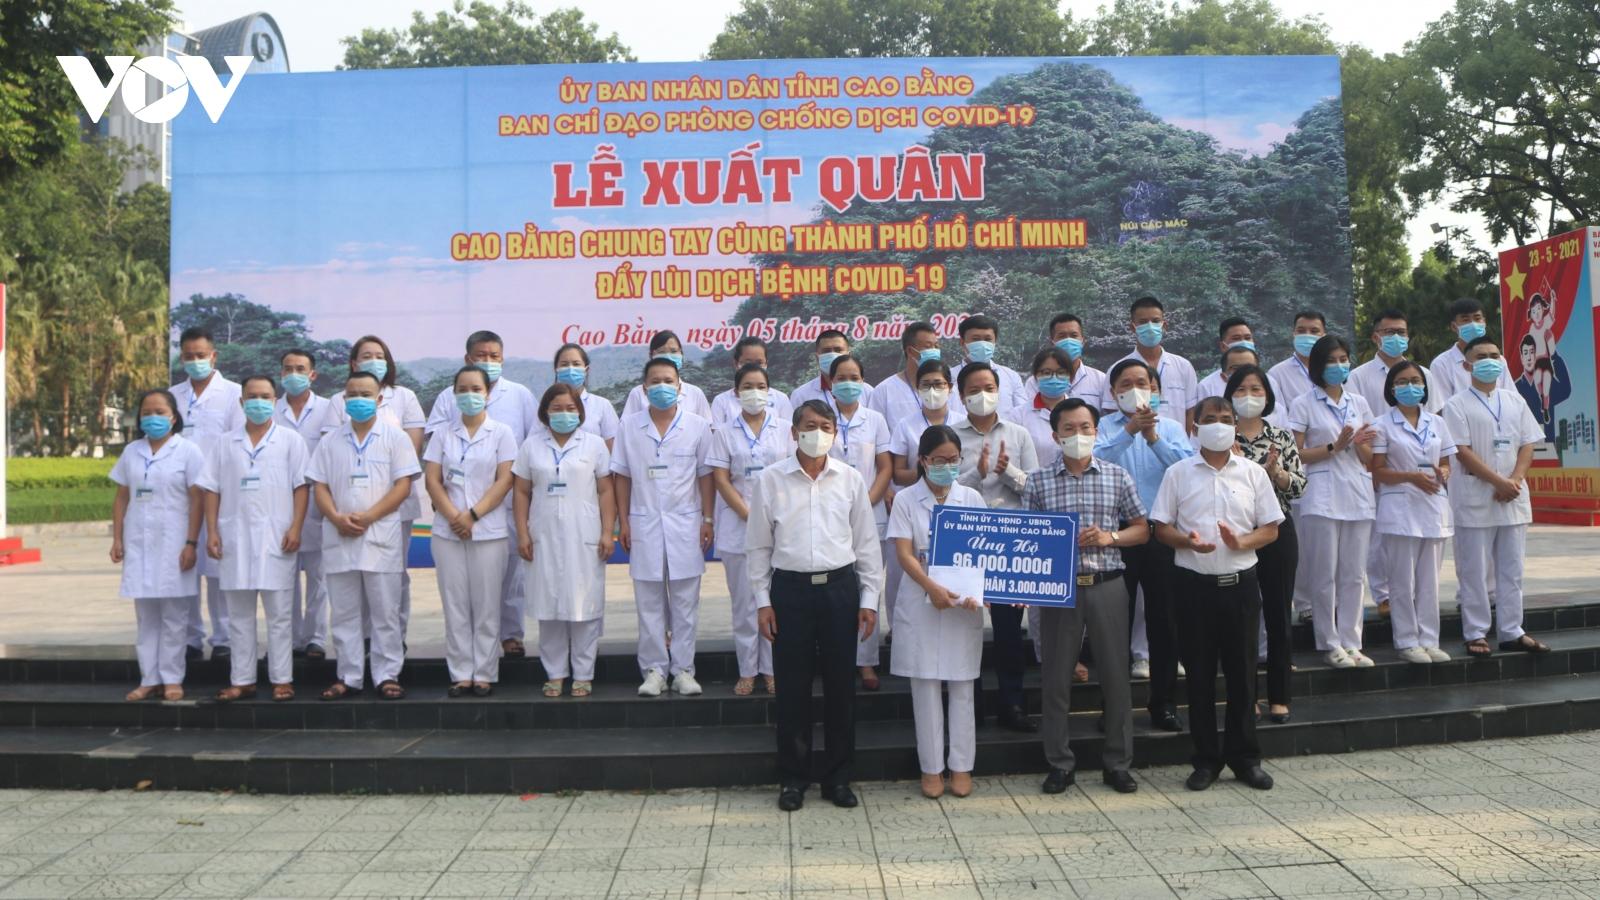 Cao Bằng, Bắc Kạn xuất quân chi viện cho TP. HCM chống dịch